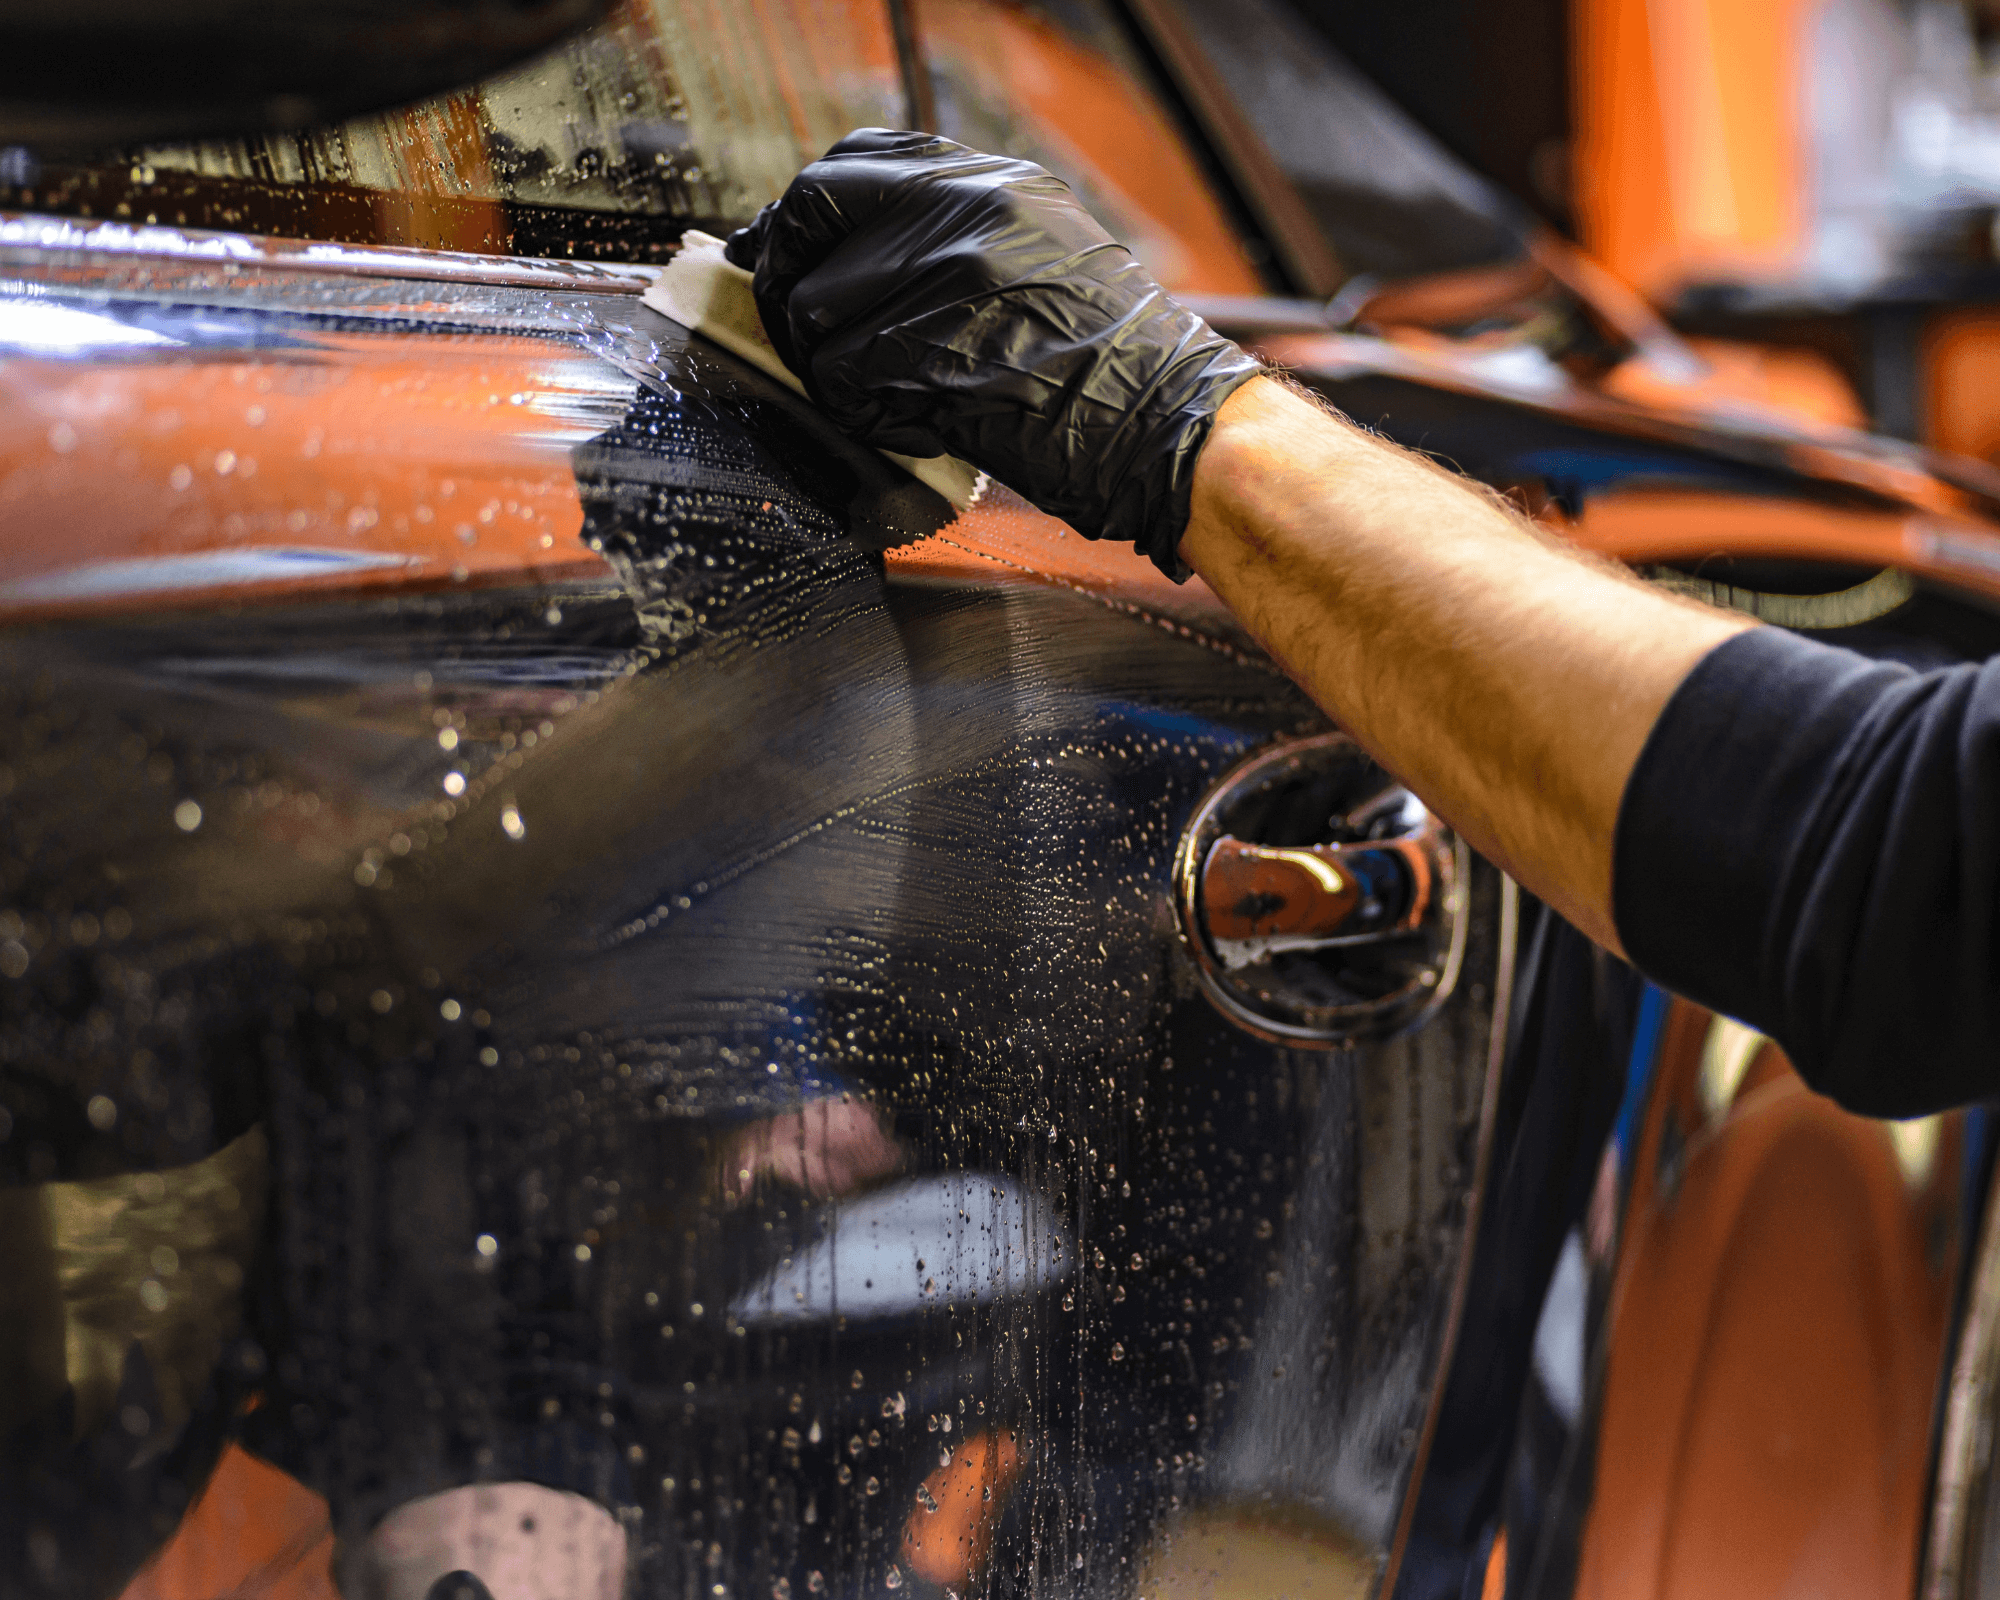 Le lavage de véhicule